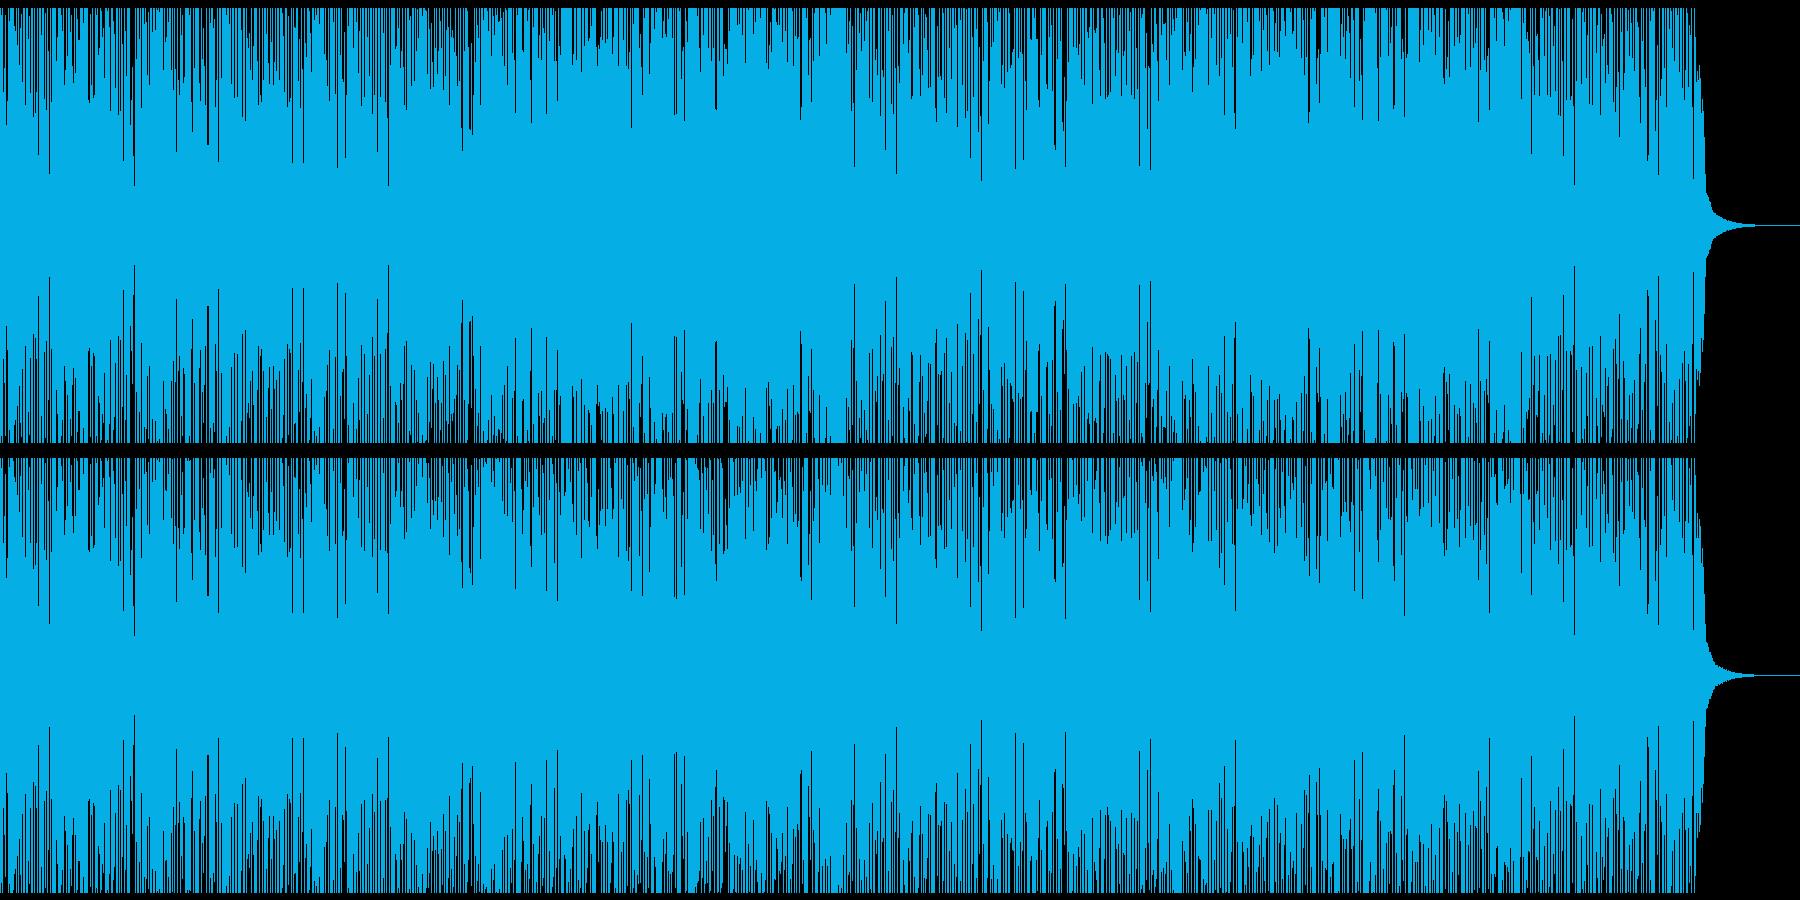 怪しいスラップベースのトラップ系BGMの再生済みの波形